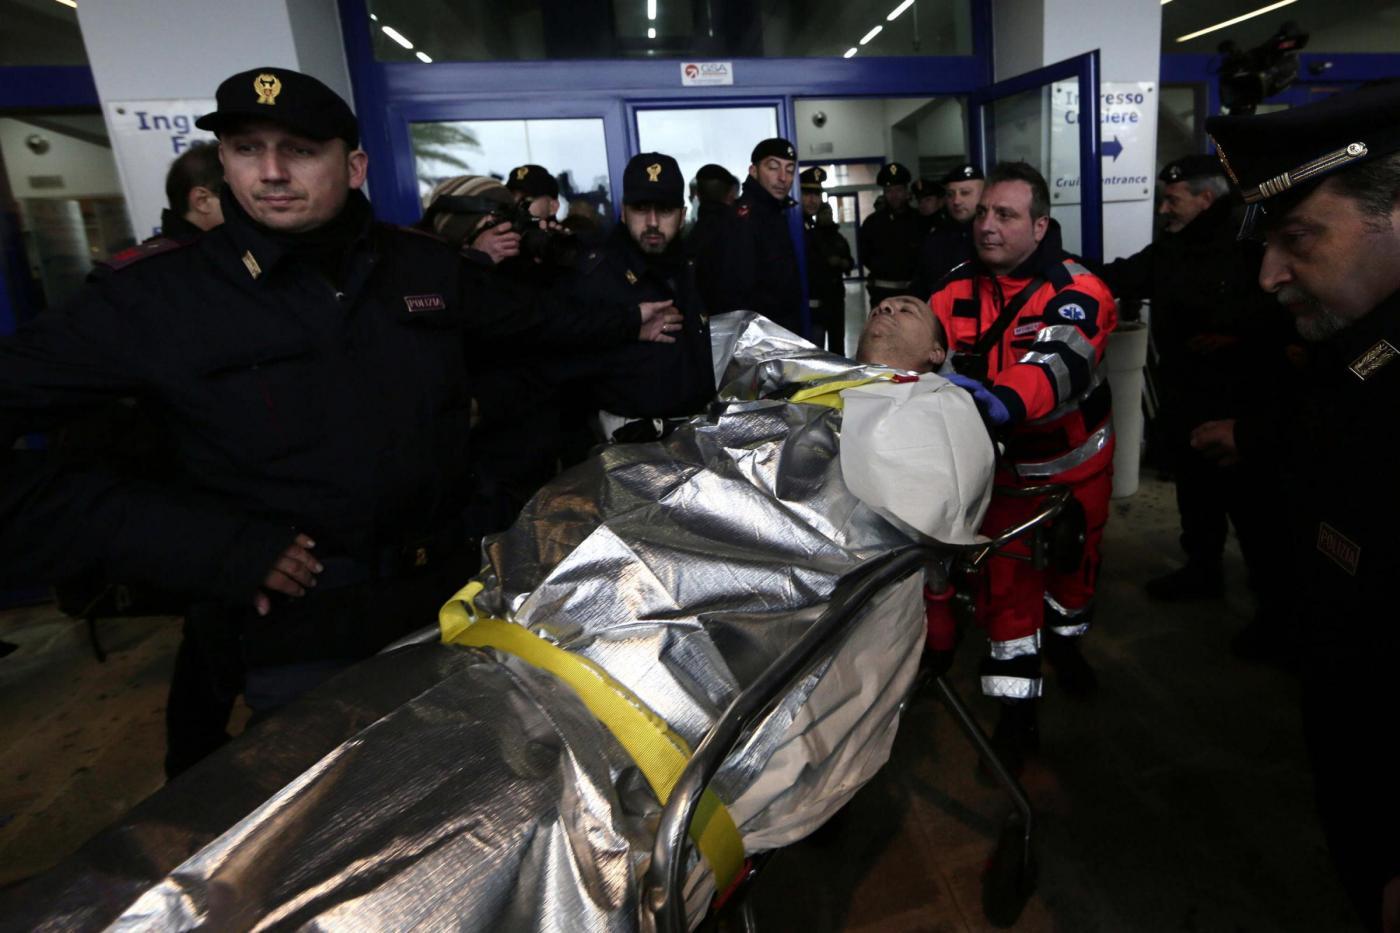 Incendio sulla Norman Atlantic, recuperati i corpi di due dei quattro camionisti italiani dispersi. Morti anche due marinai albanesi. Il totale delle vittime sale a 12